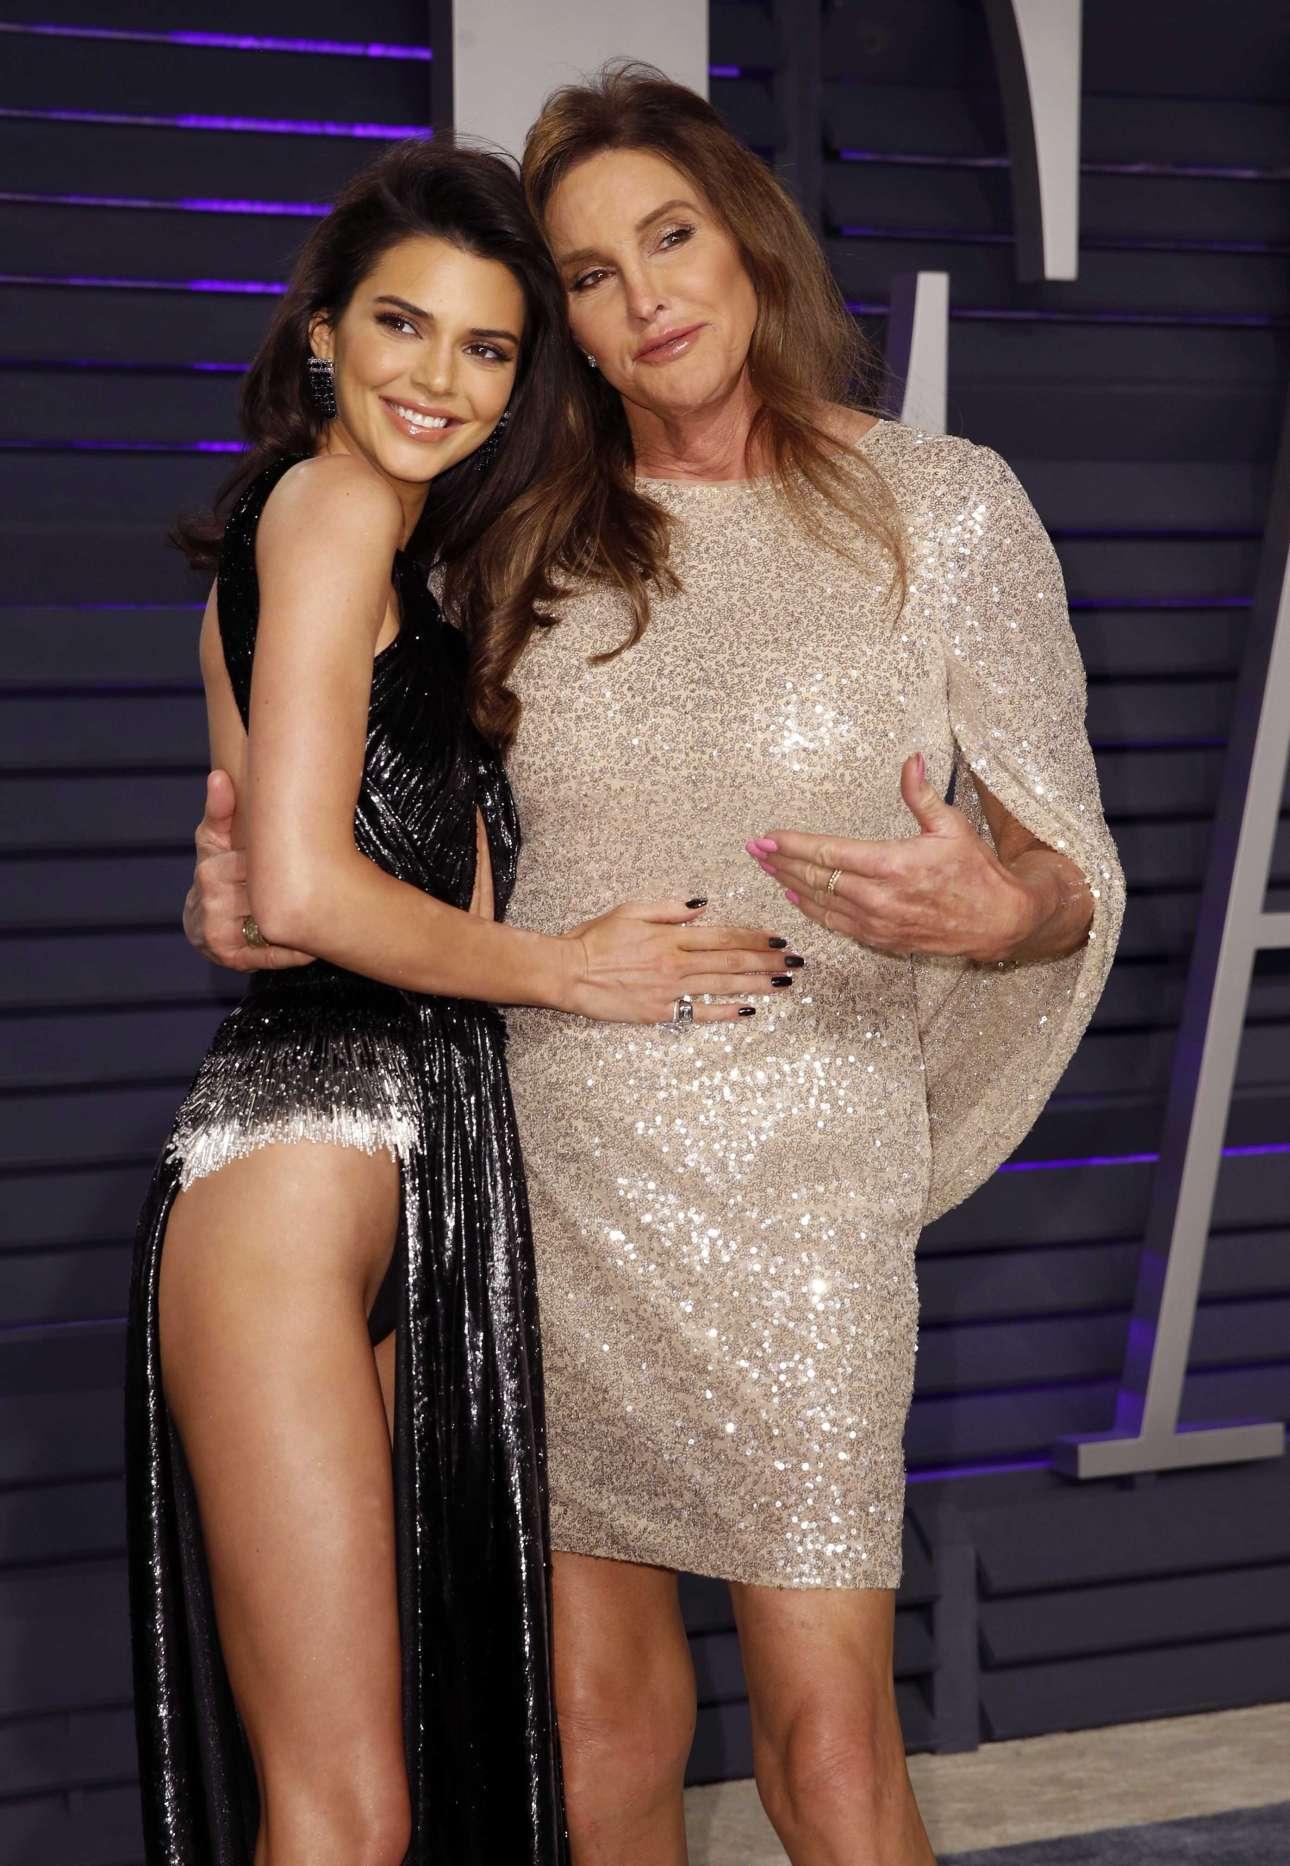 Κένταλ Τζένερ και Κέιτλιν Τζένερ, celebrity, κάνουν ό,τι μπορούν για να τις προσέξουν...